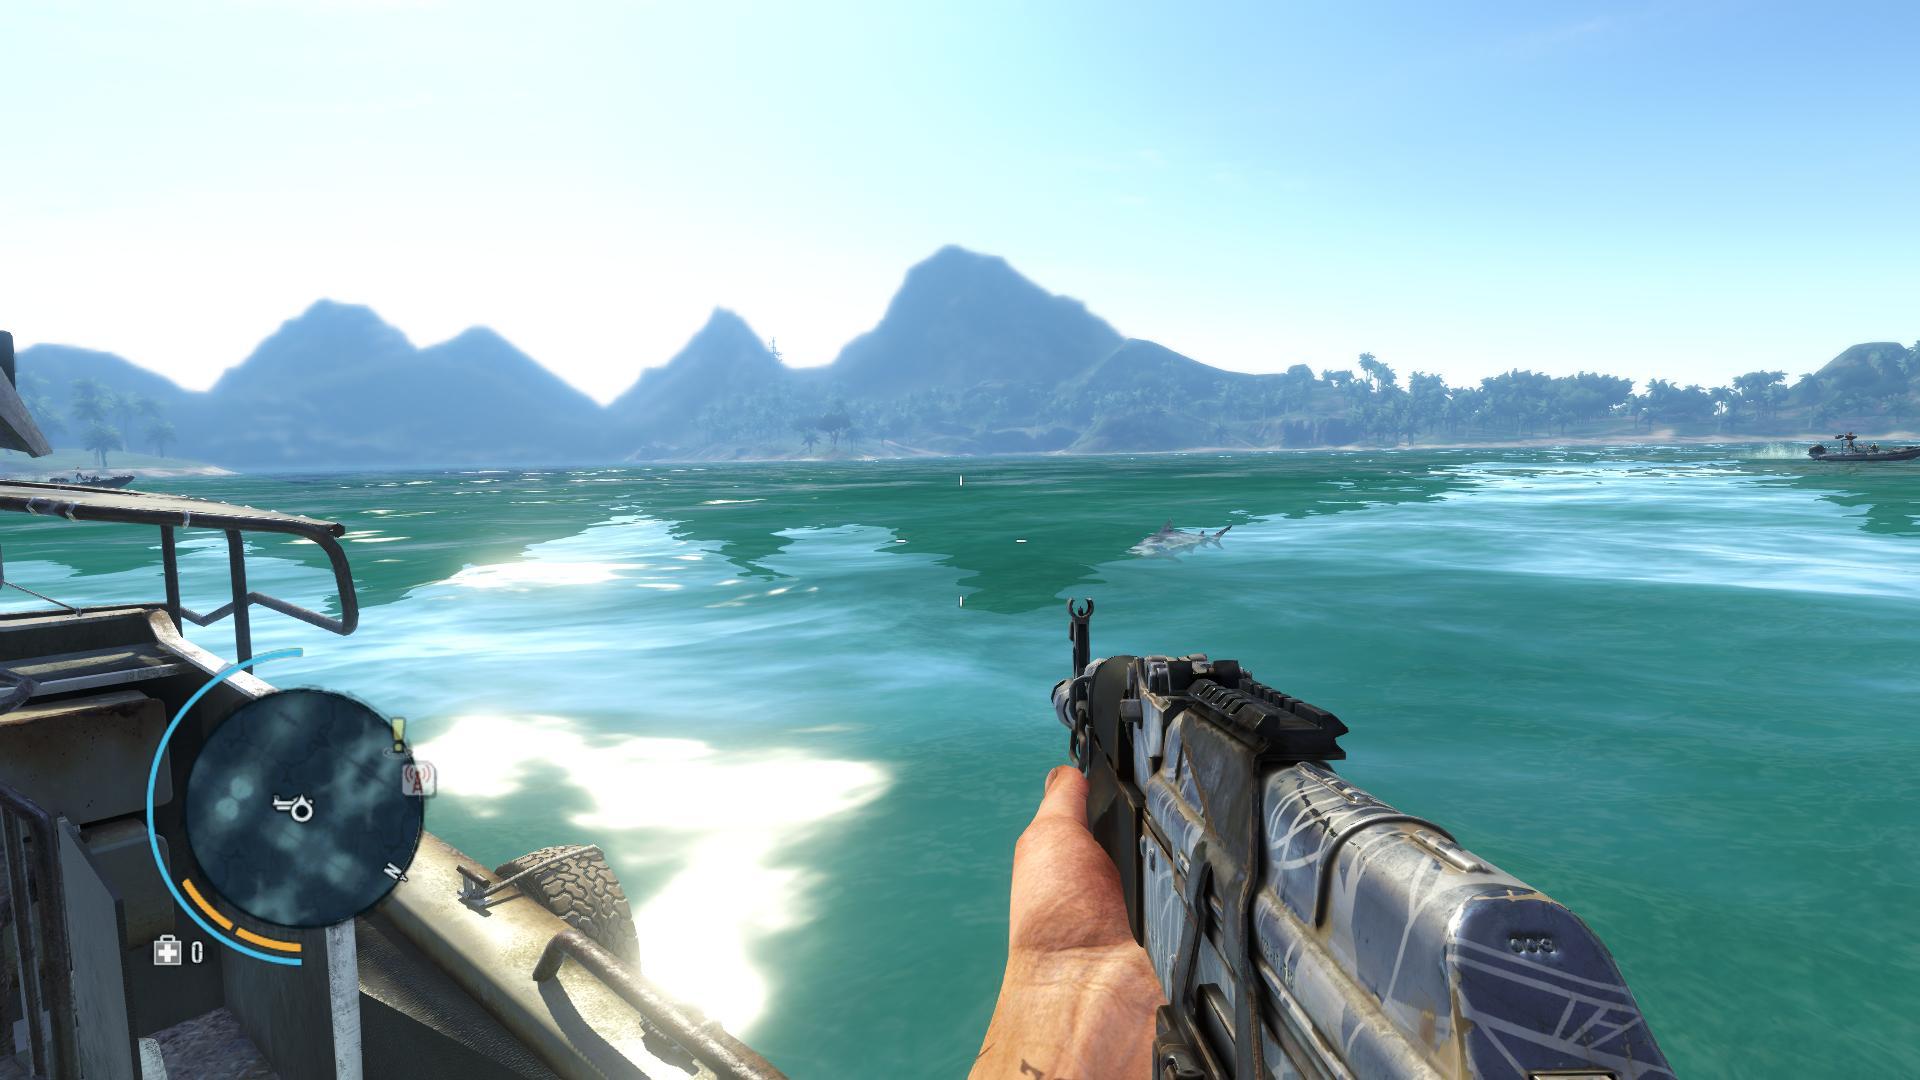 farcry3 d3d11 2012 12 04 17 57 04 40 - Recensione - Far Cry 3